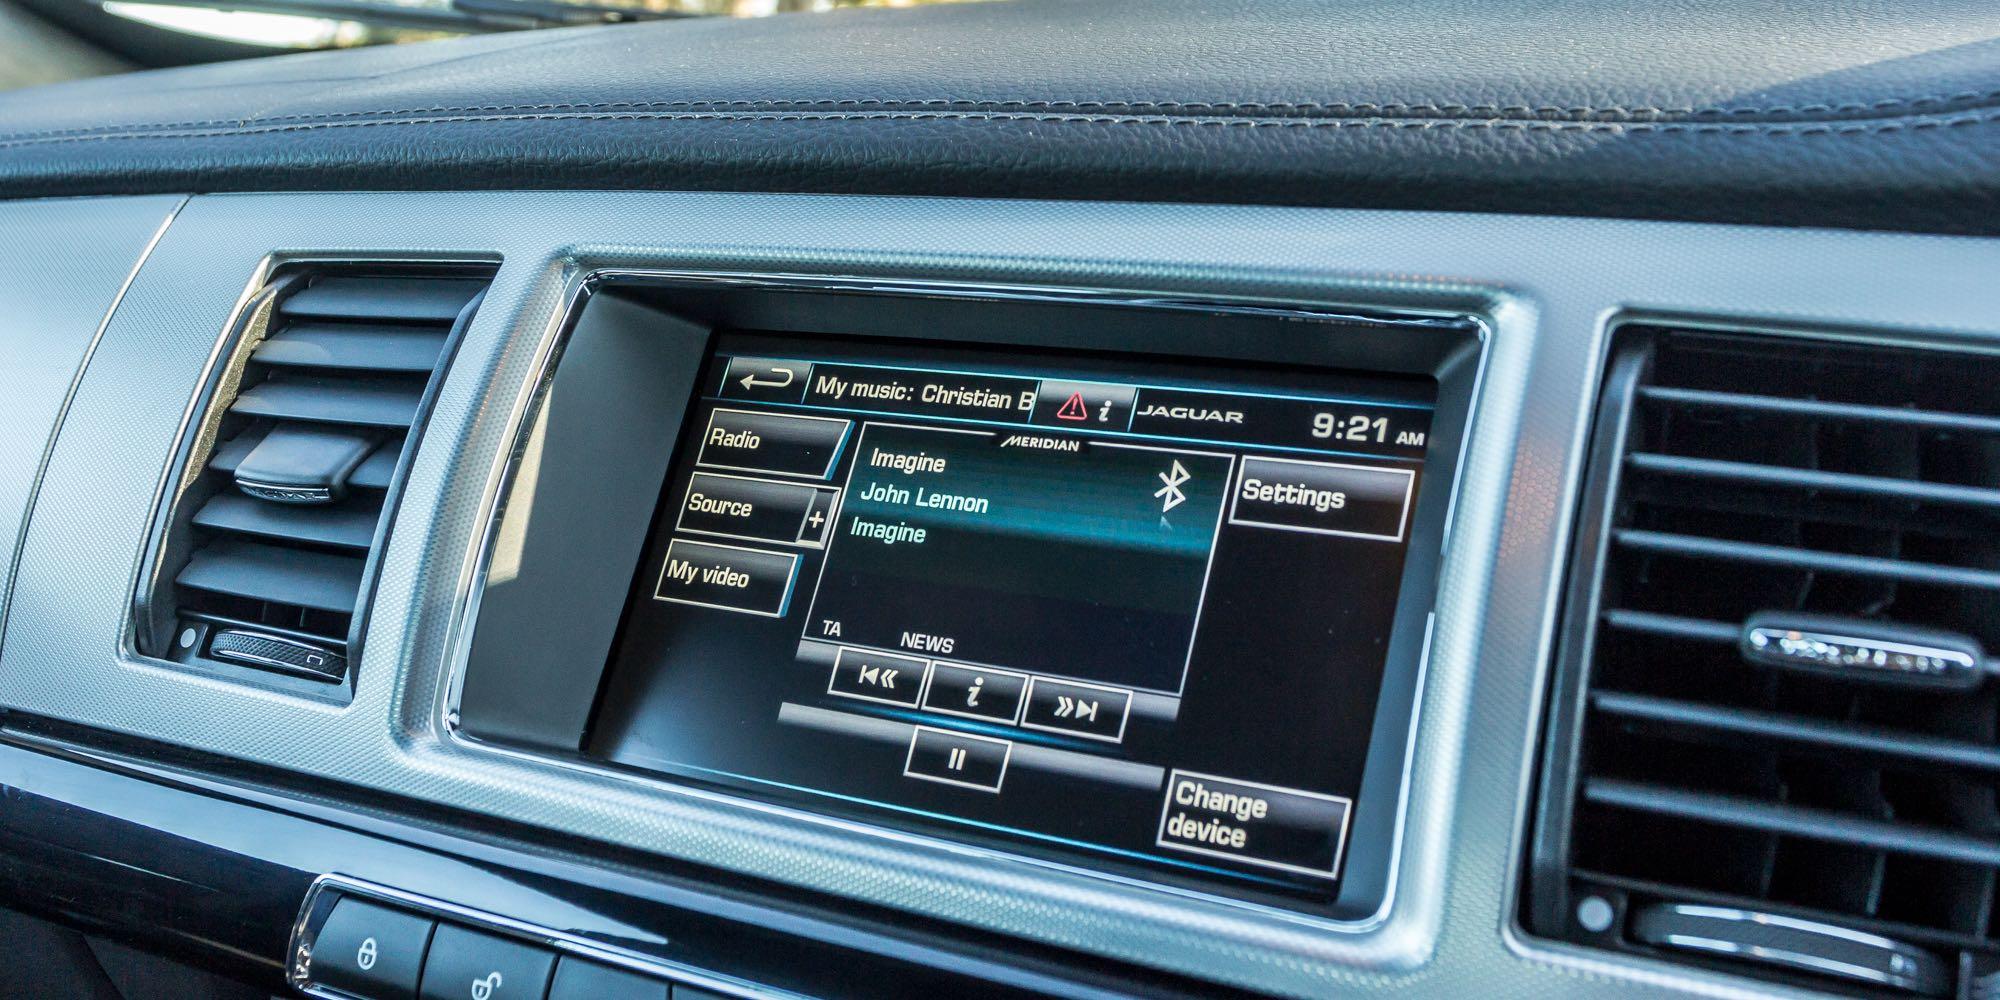 2015 Jaguar XF Review : 2 2D Premium Luxury | CarAdvice